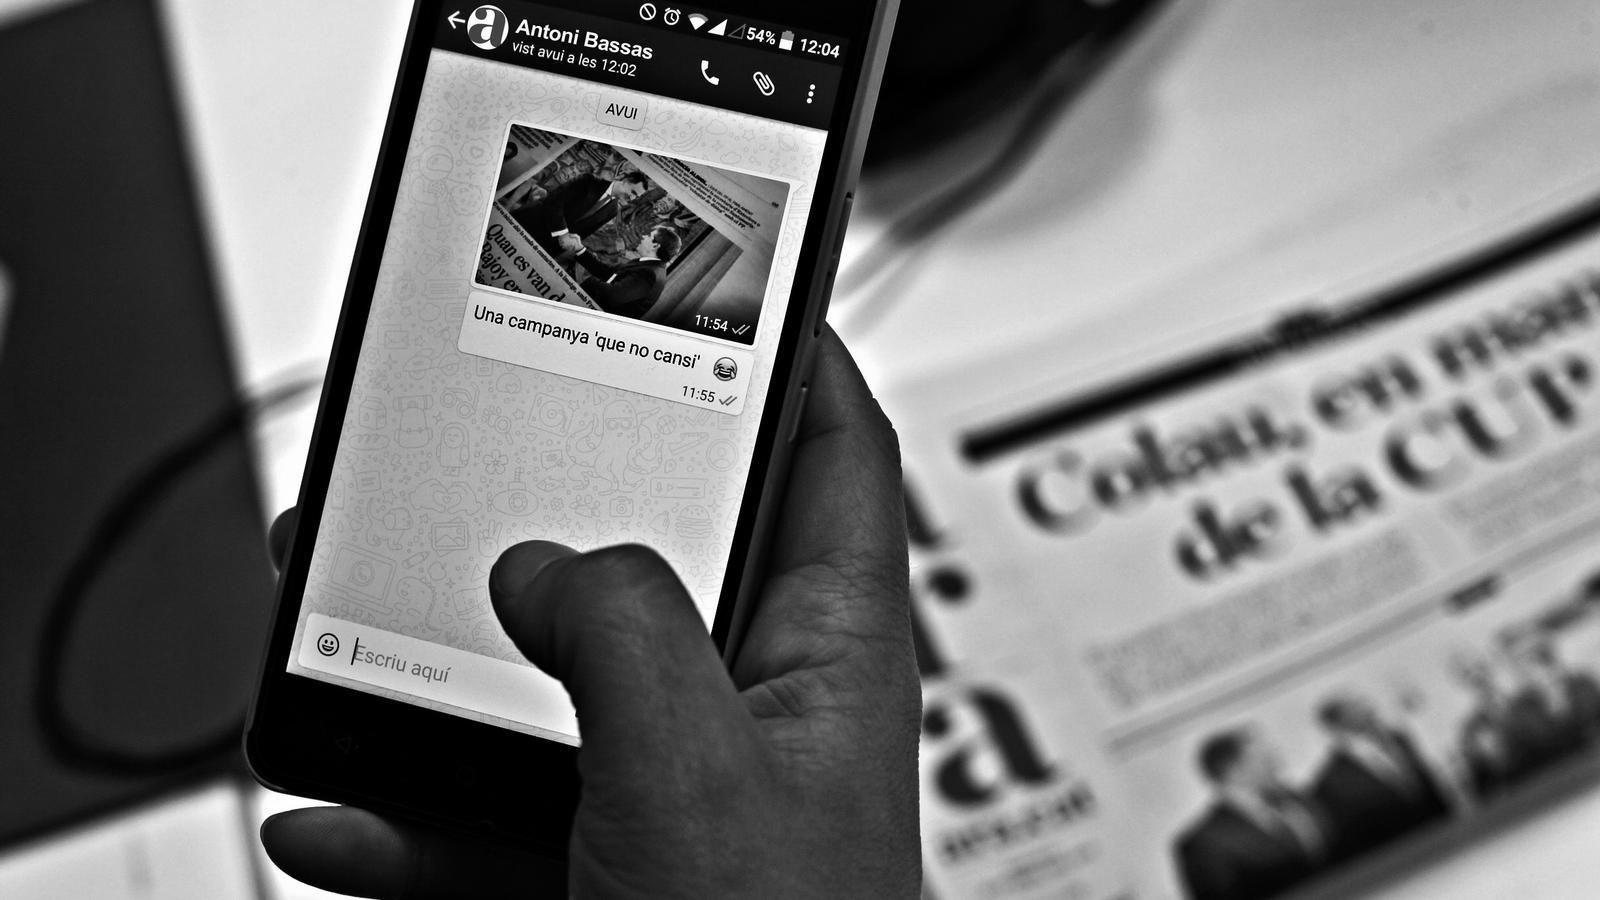 L'anàlisi d'Antoni Bassas: 'Una campanya 'que no cansi''